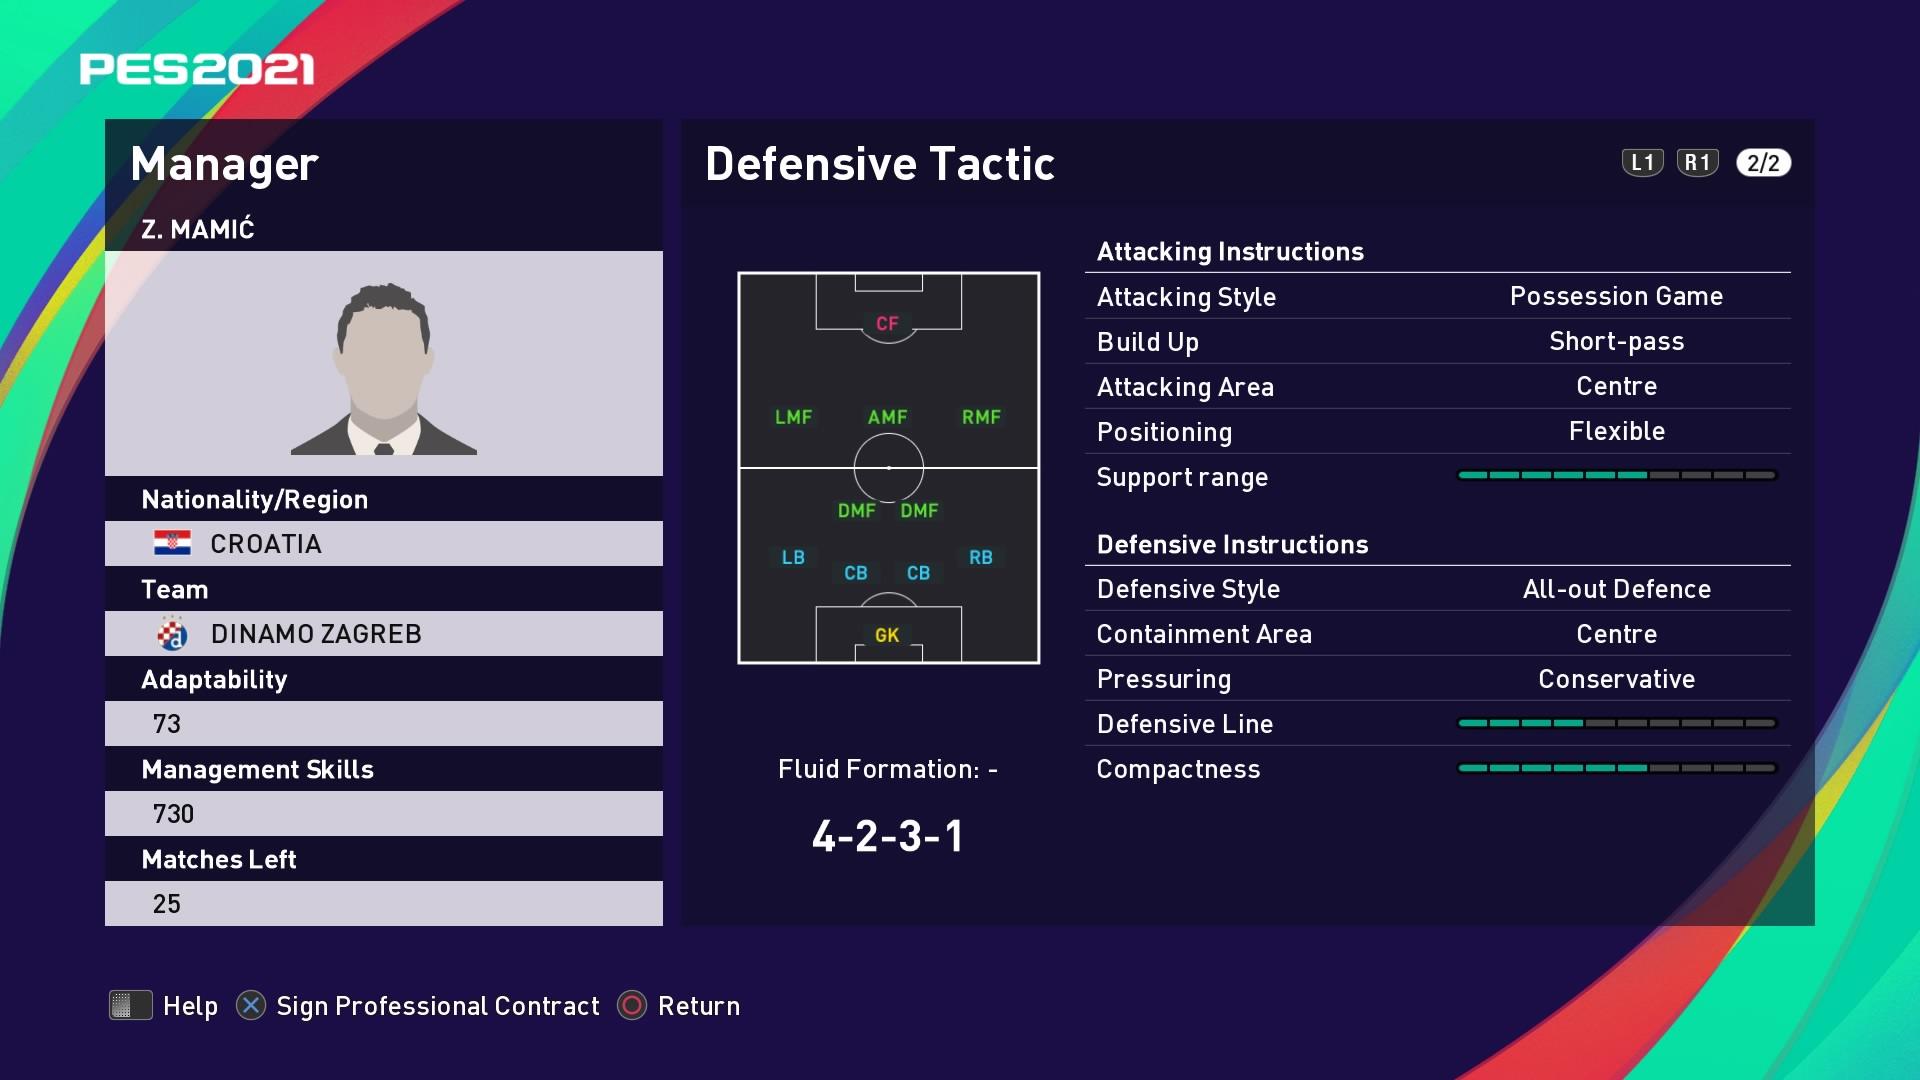 Z. Mamić (Zdravko Mamić) Defensive Tactic in PES 2021 myClub